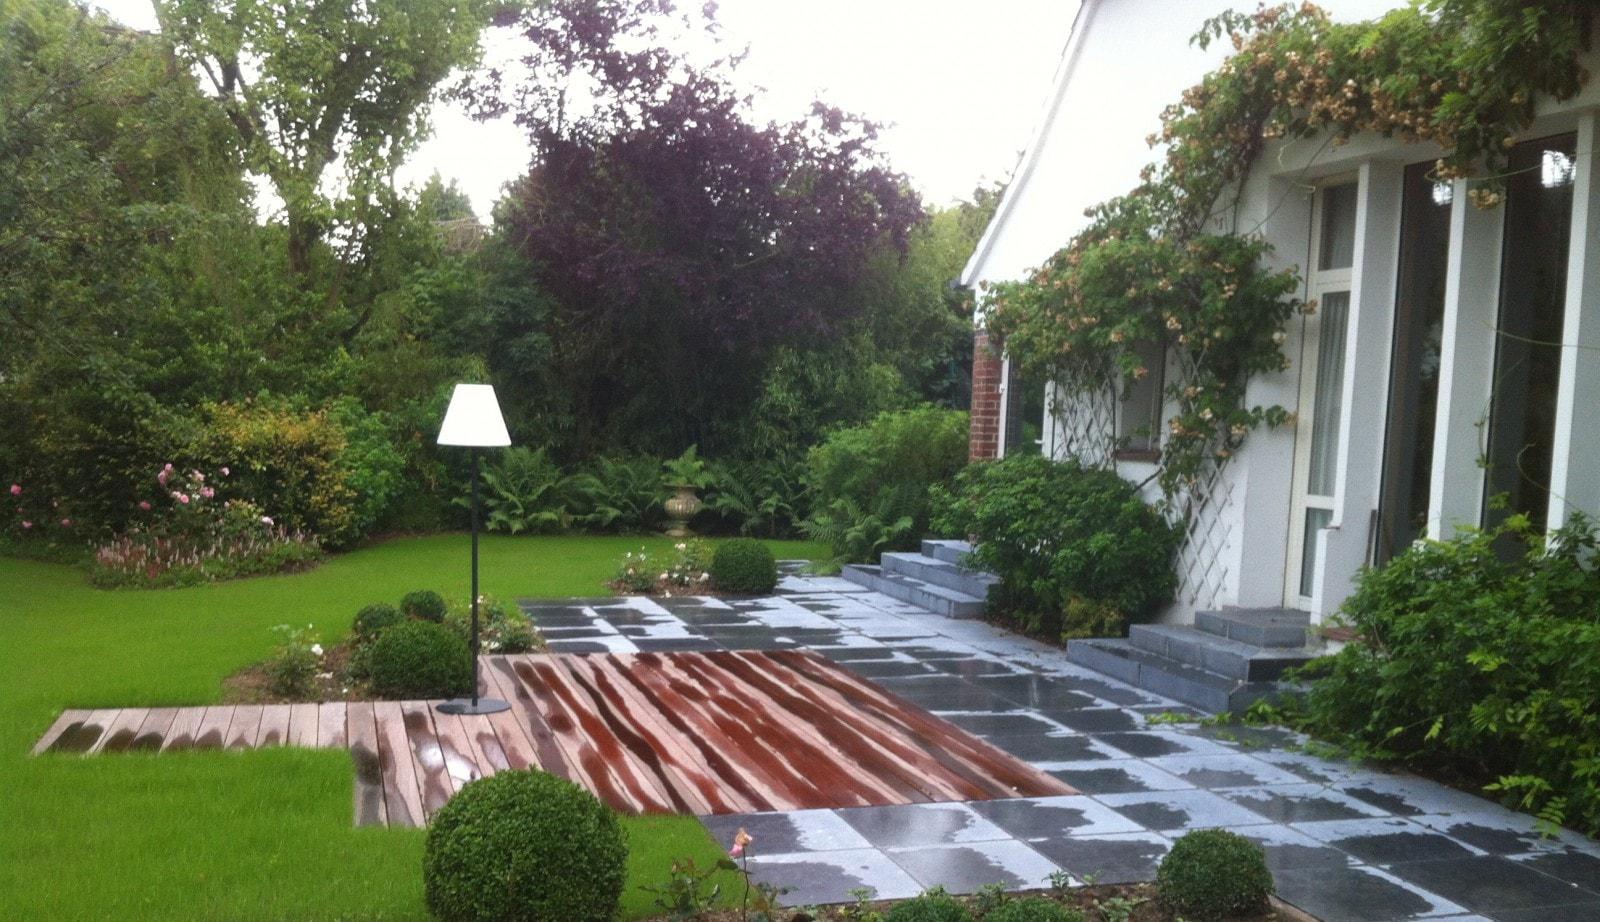 am nagement d 39 une terrasse en bois et pierre wasquehal 59 nord architecte paysagiste. Black Bedroom Furniture Sets. Home Design Ideas